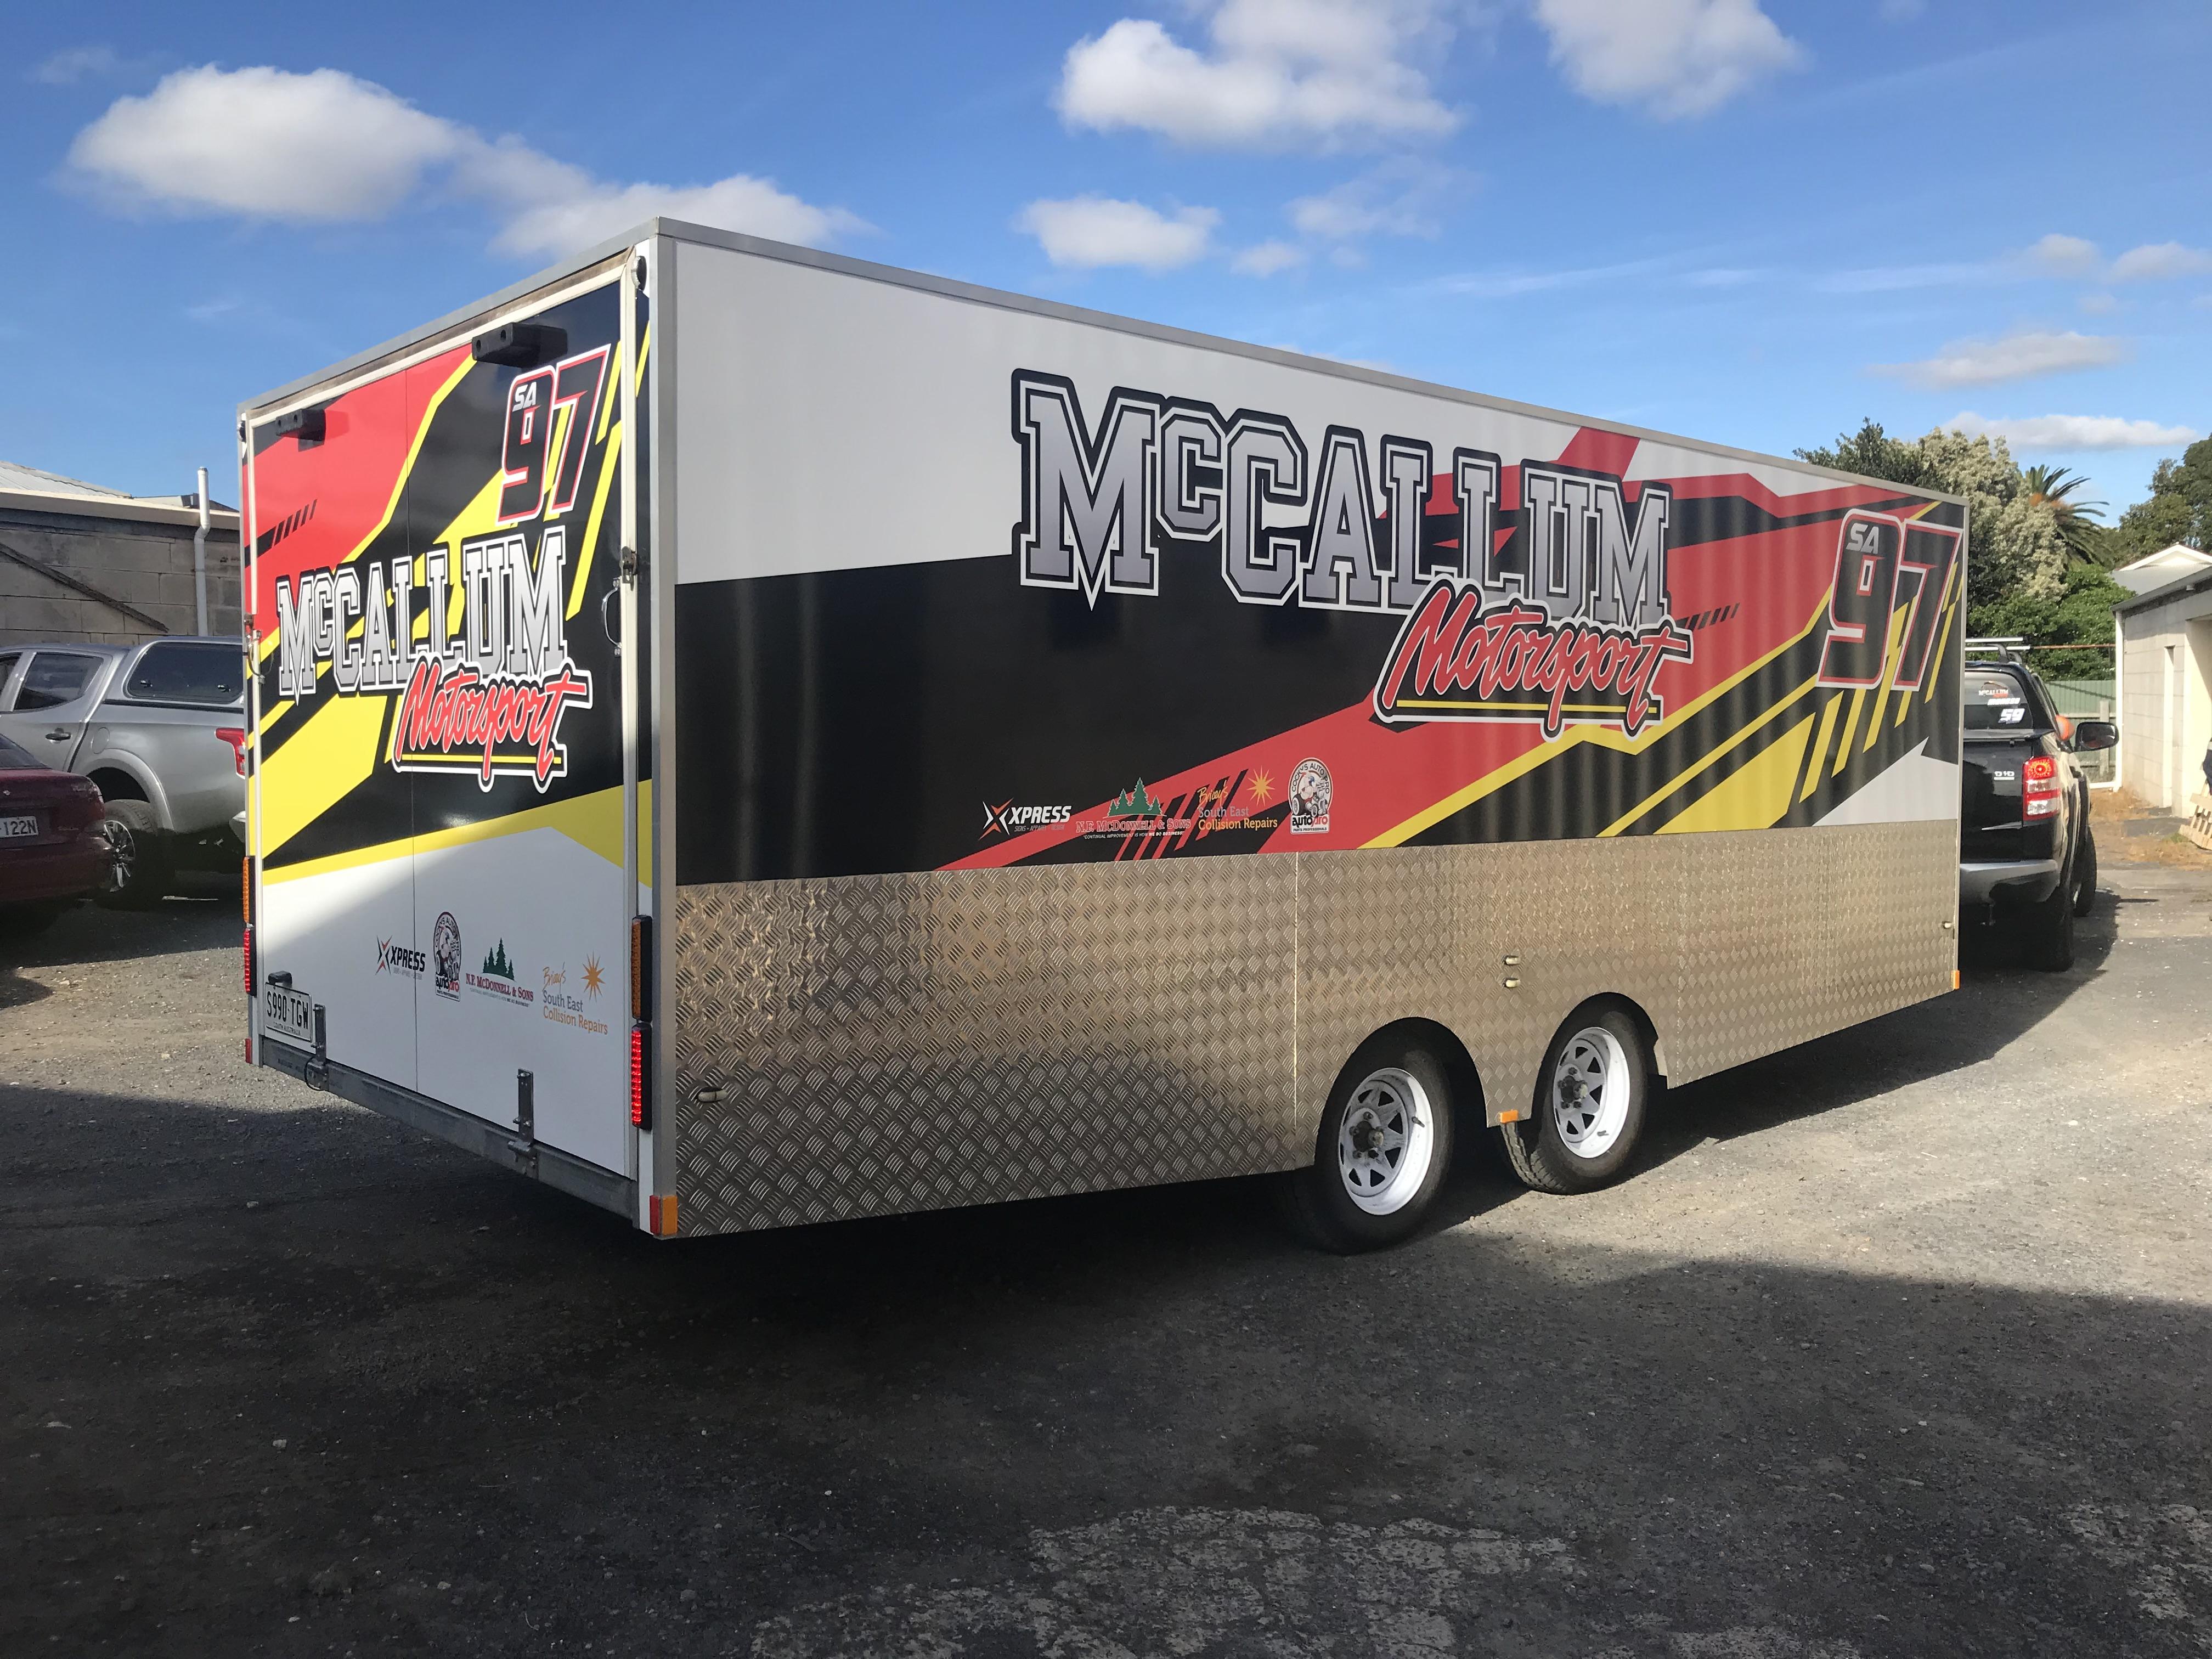 McCallum Motorsport Trailer Signage